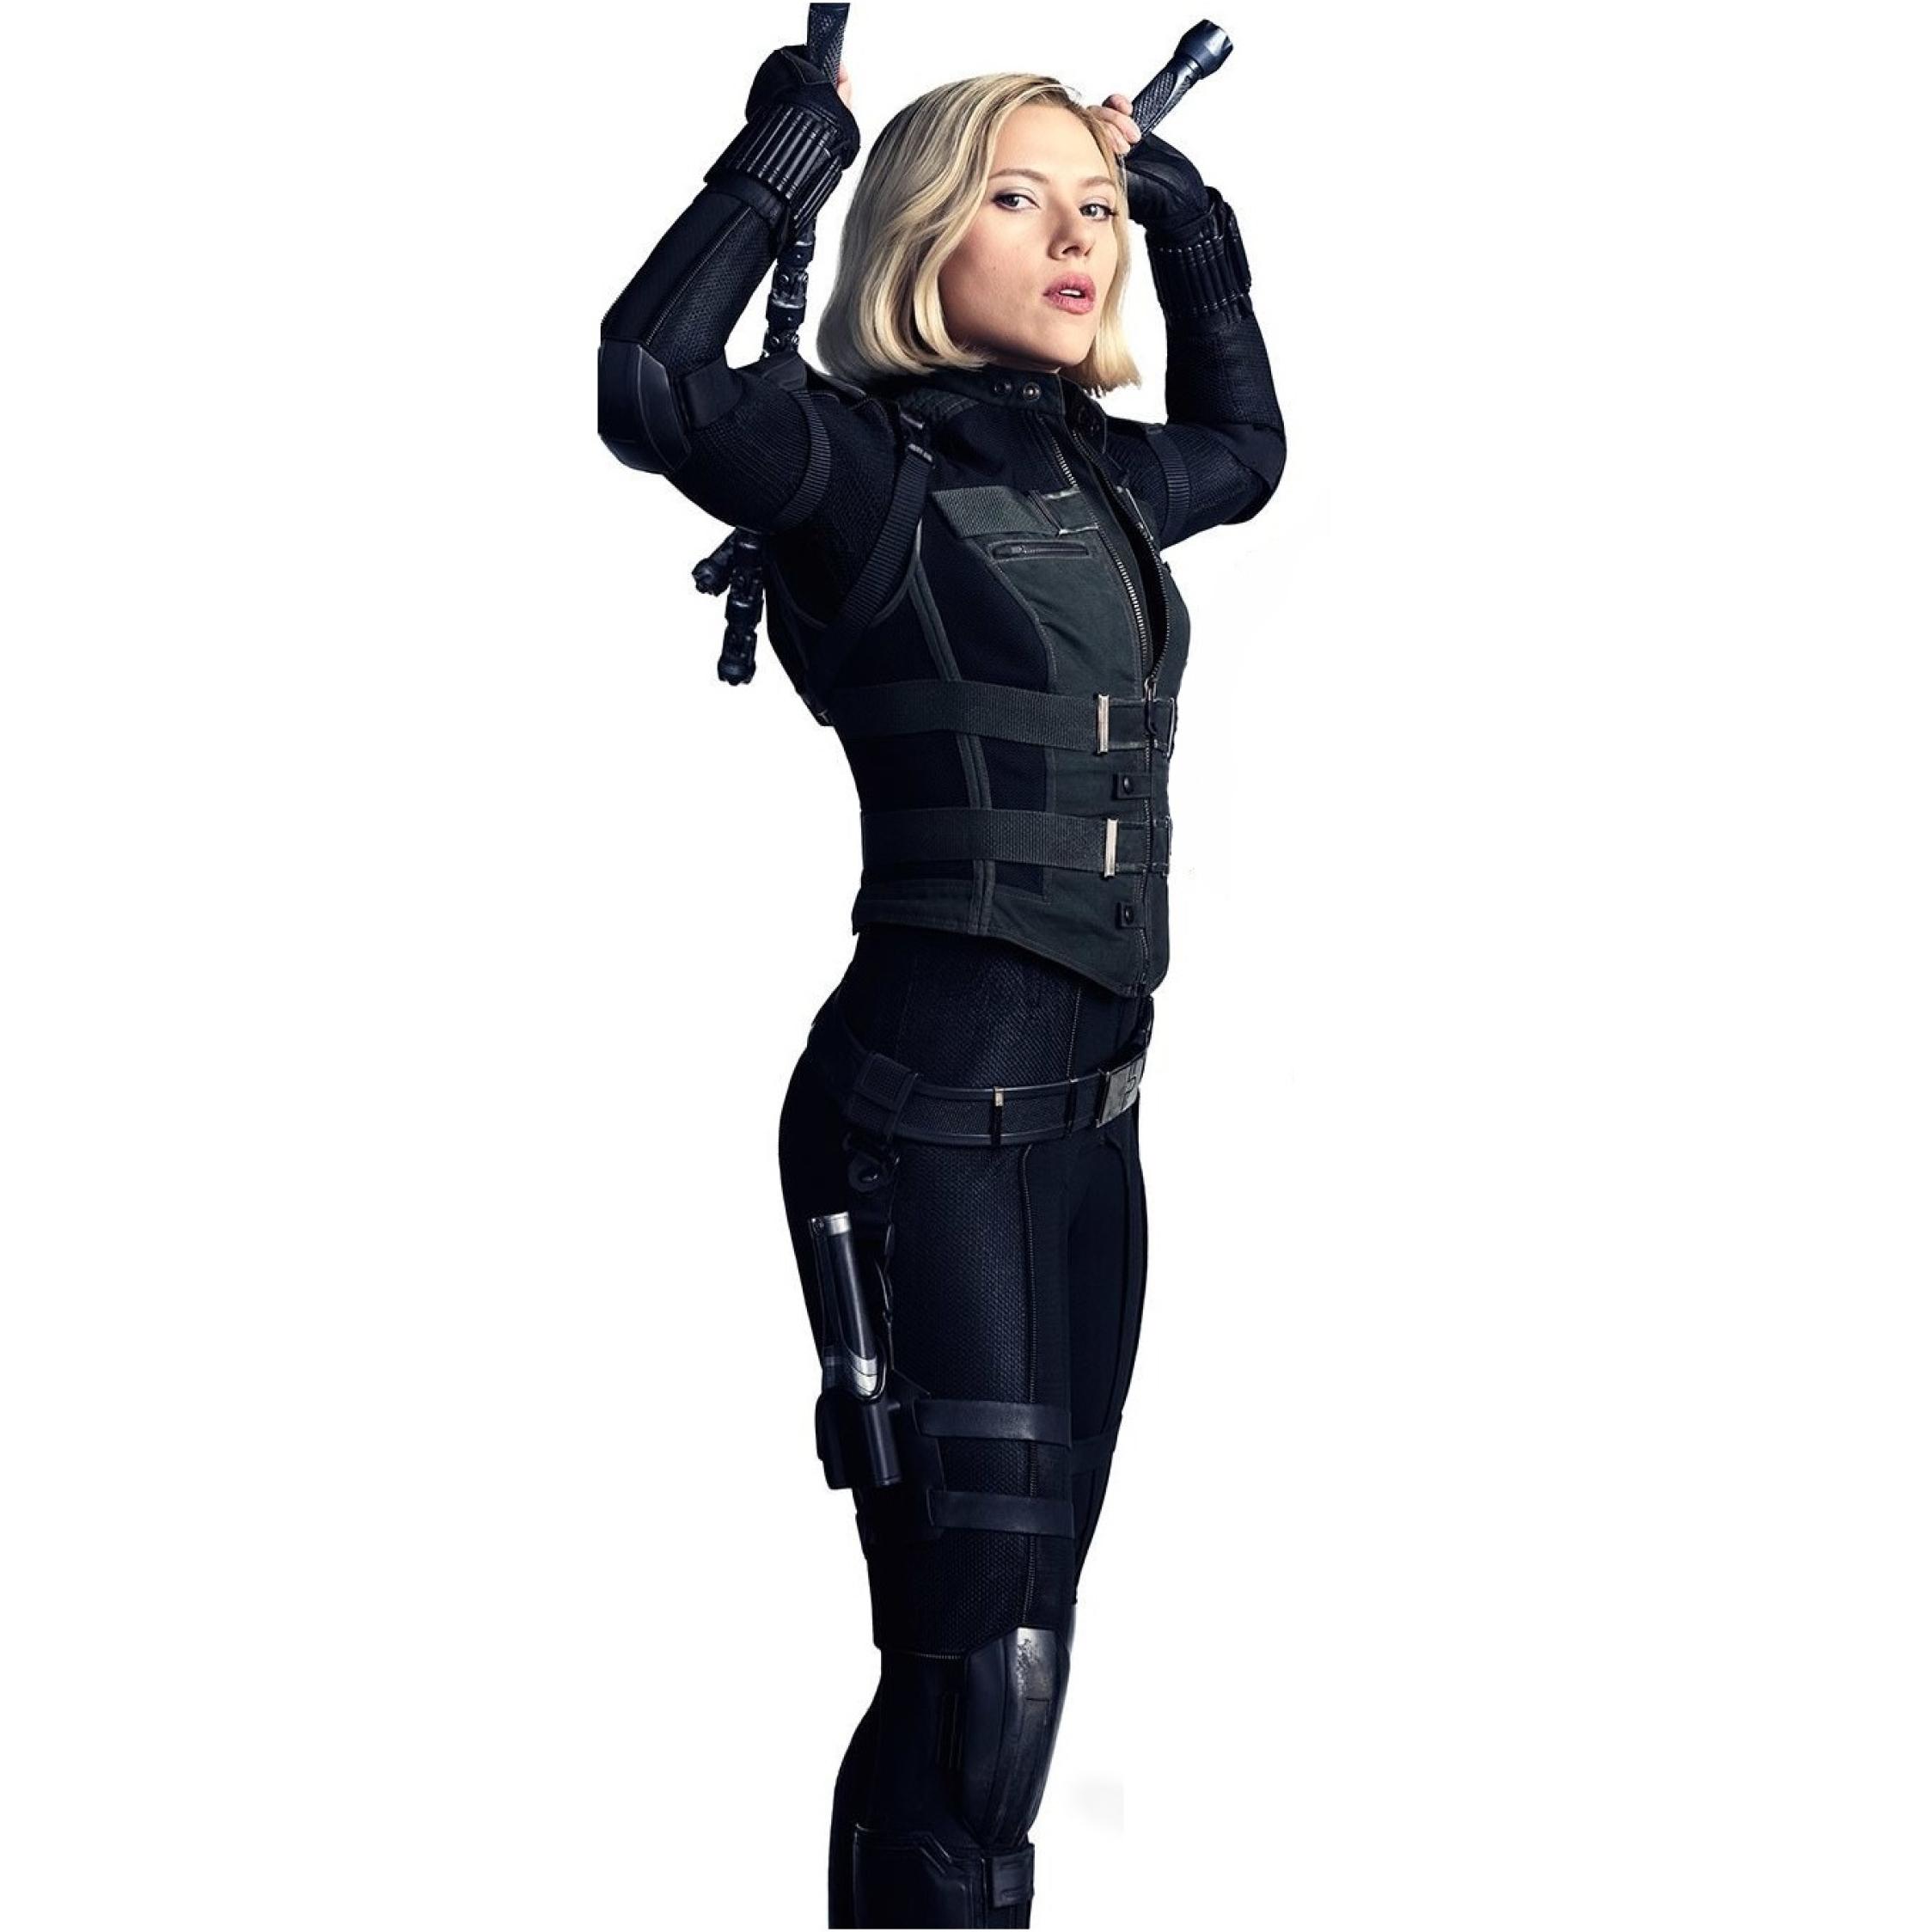 Scarlett Johansson As Black Widow In Avengers, Full HD 2K ...